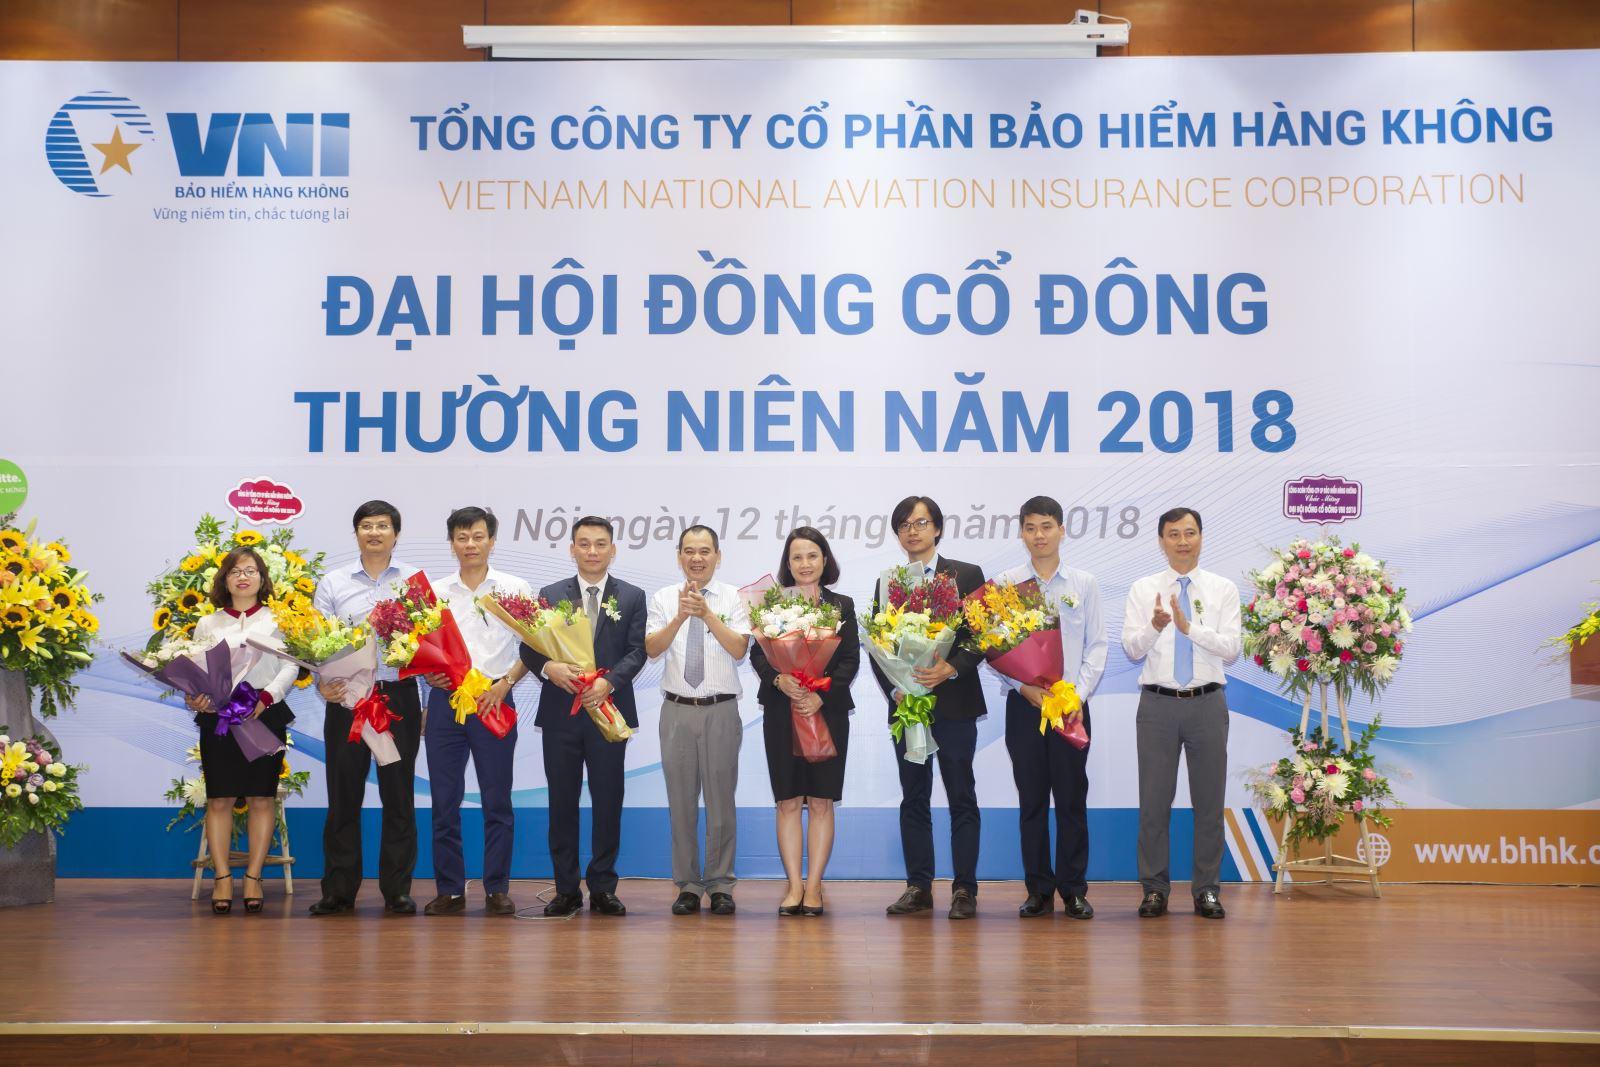 VNI Đại hội đồng cổ đông thường niên 2018